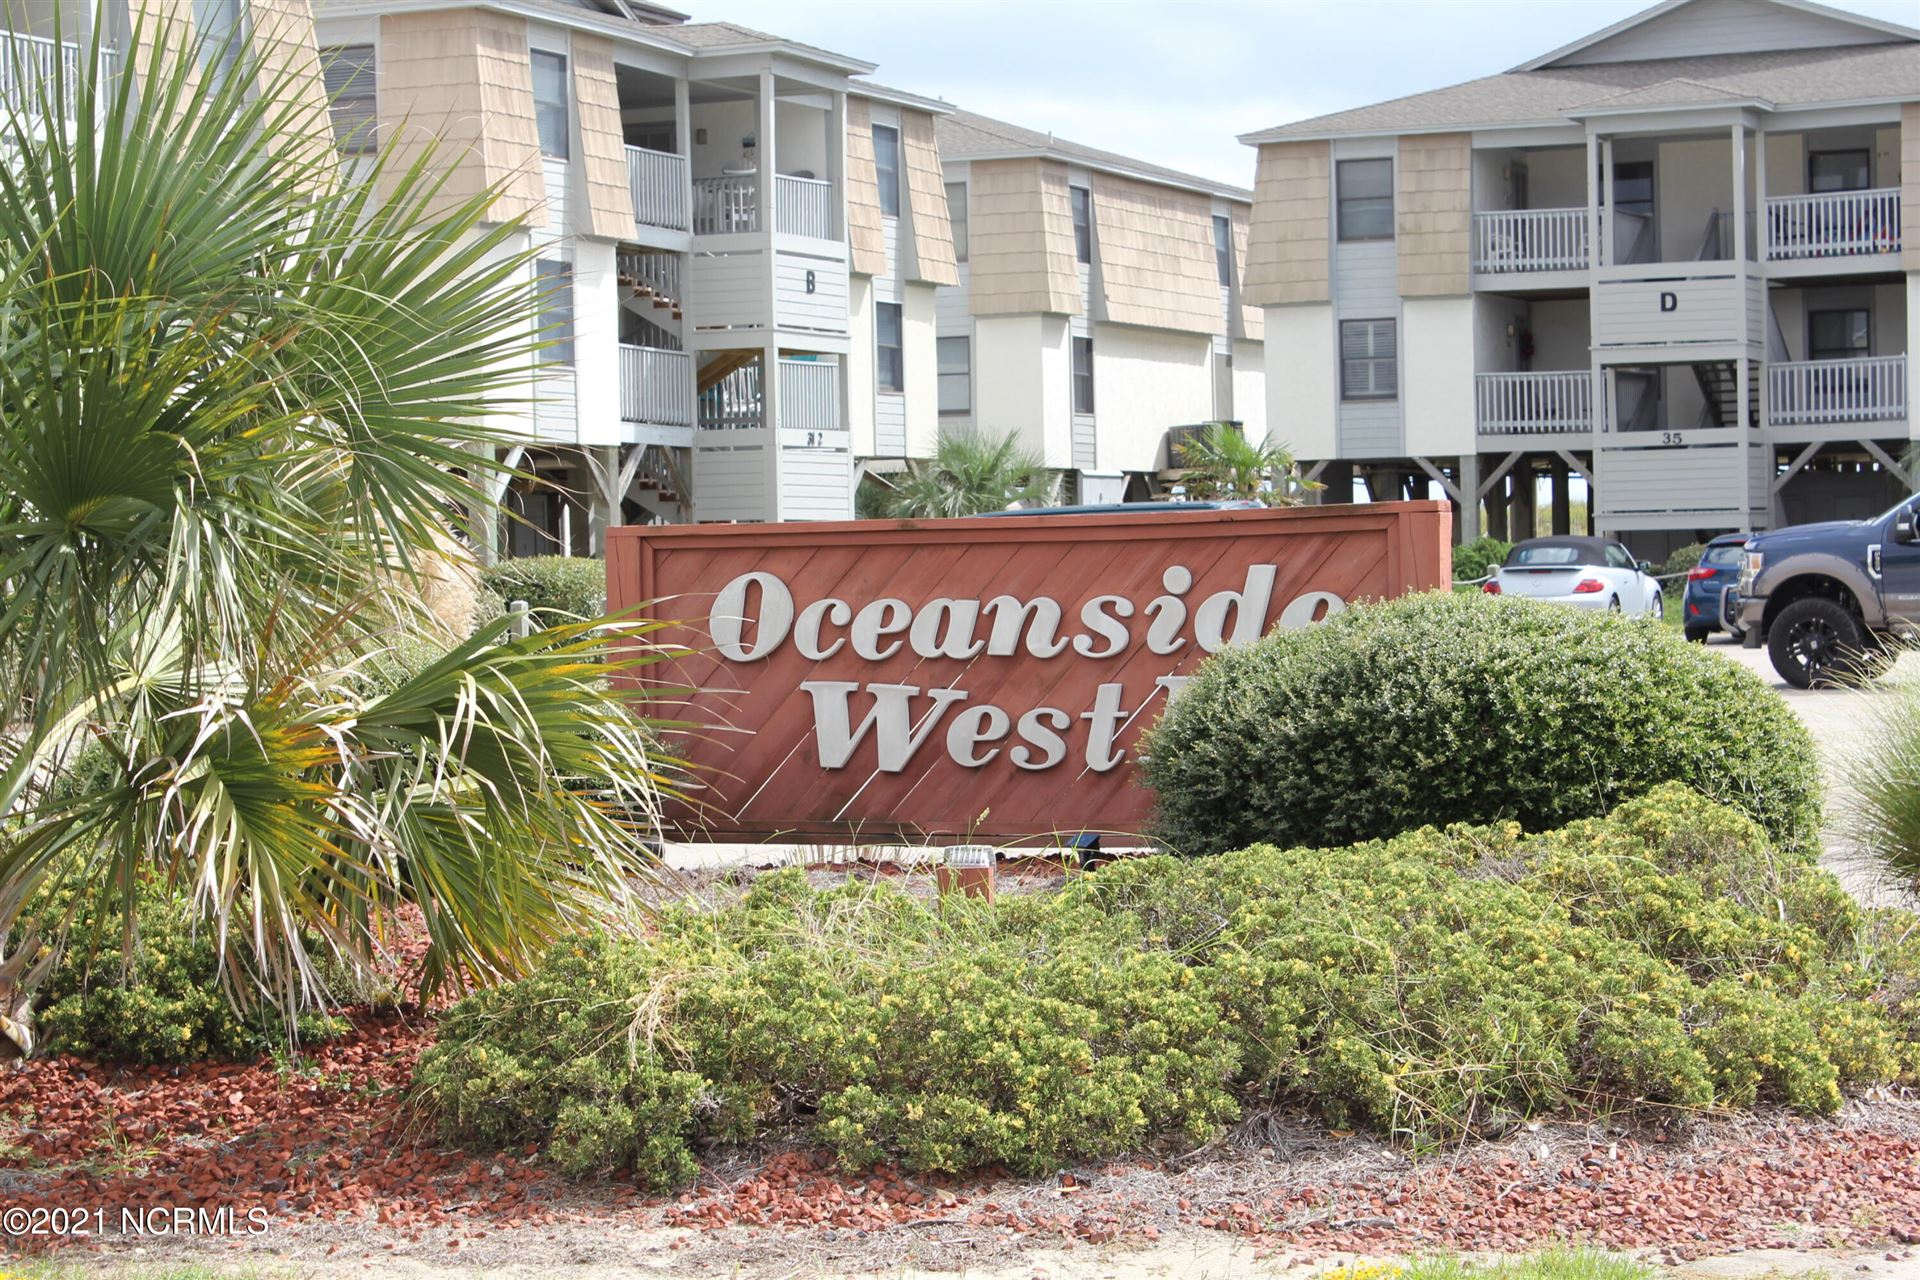 Photo of 31 Ocean Isle West Boulevard # 3-1, Ocean Isle Beach, NC 28469 (MLS # 100294739)